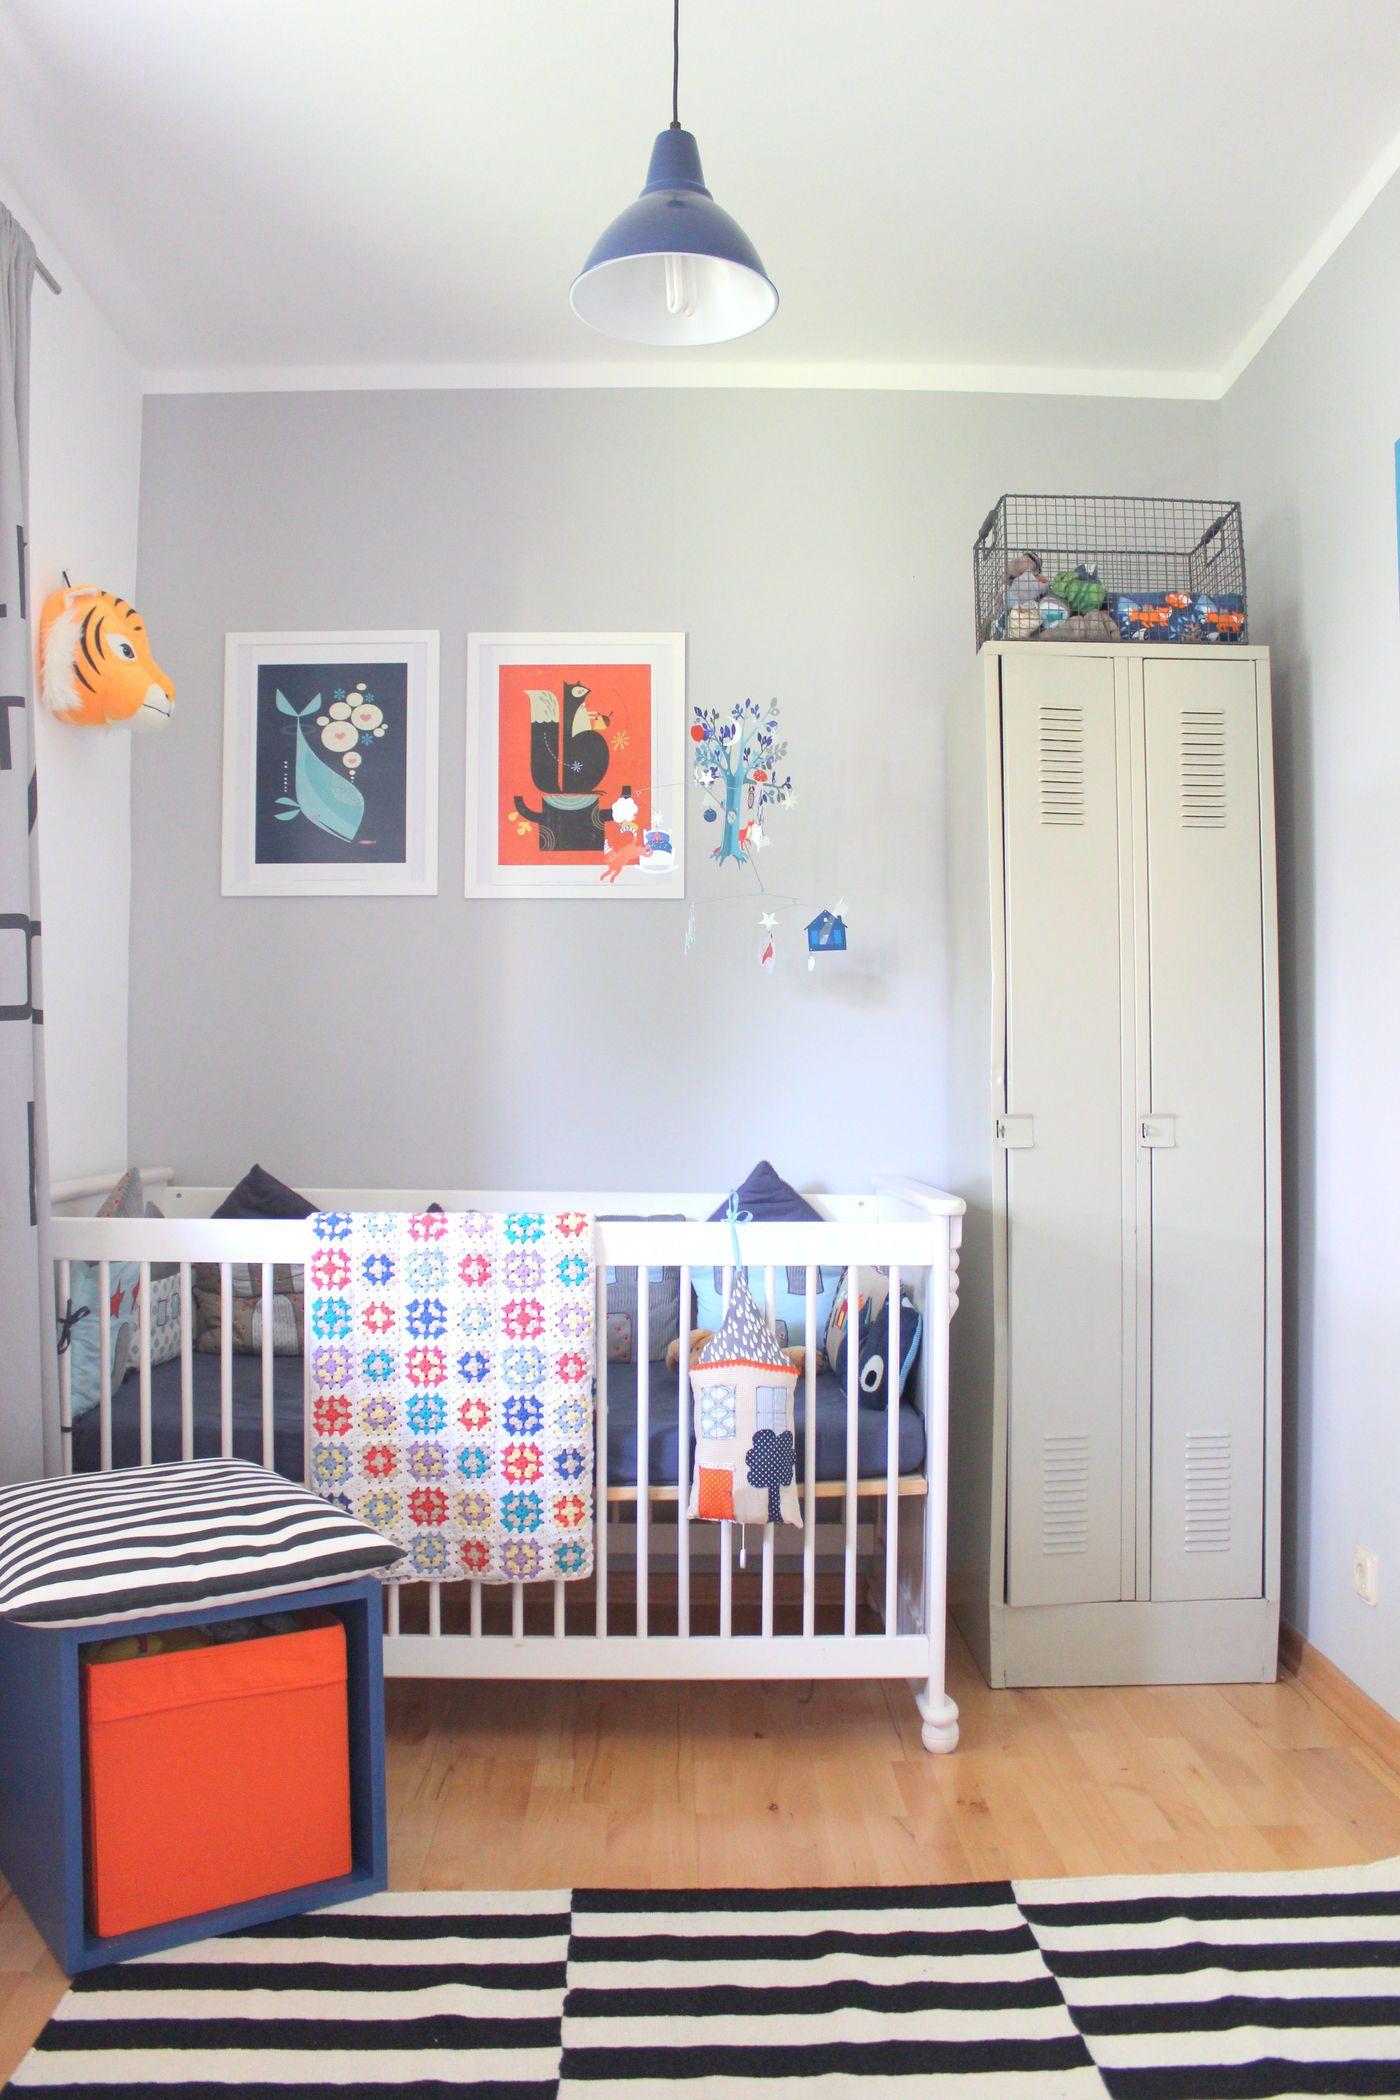 Die besten Tipps und Bilder für das erste Babybett!